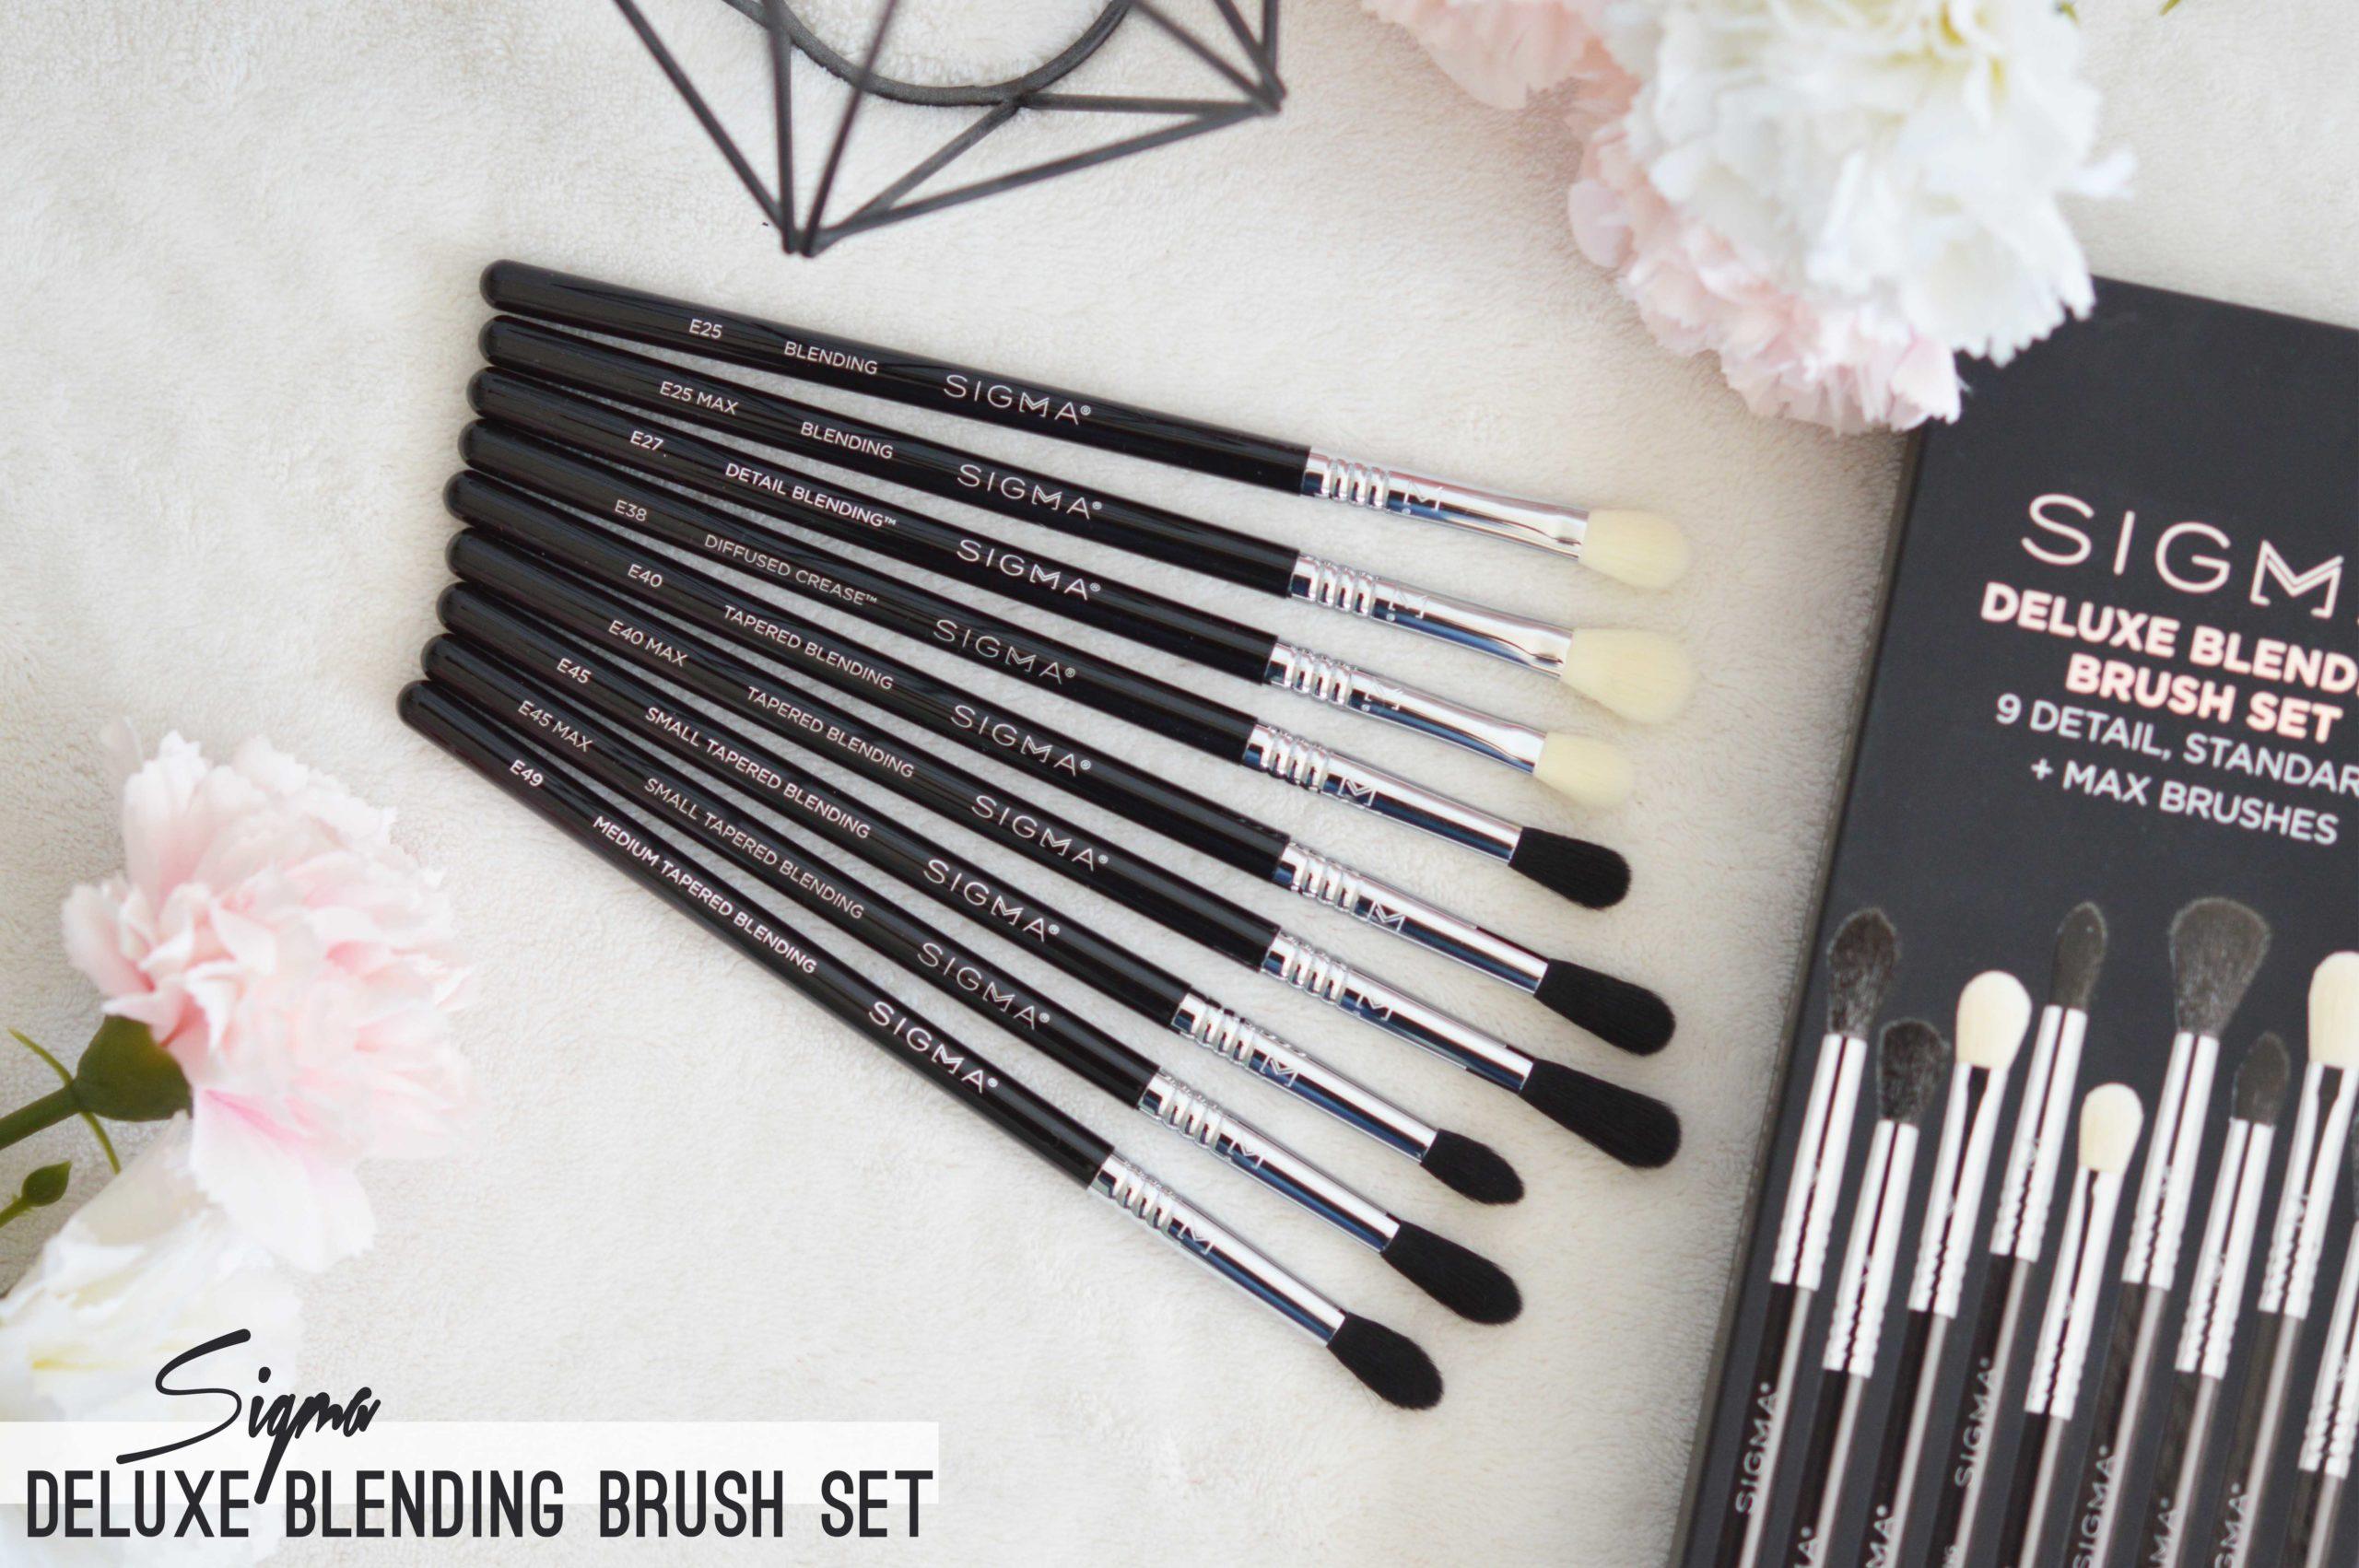 Que valent les pinceaux sigma? focus sur le deluxe blending brush set